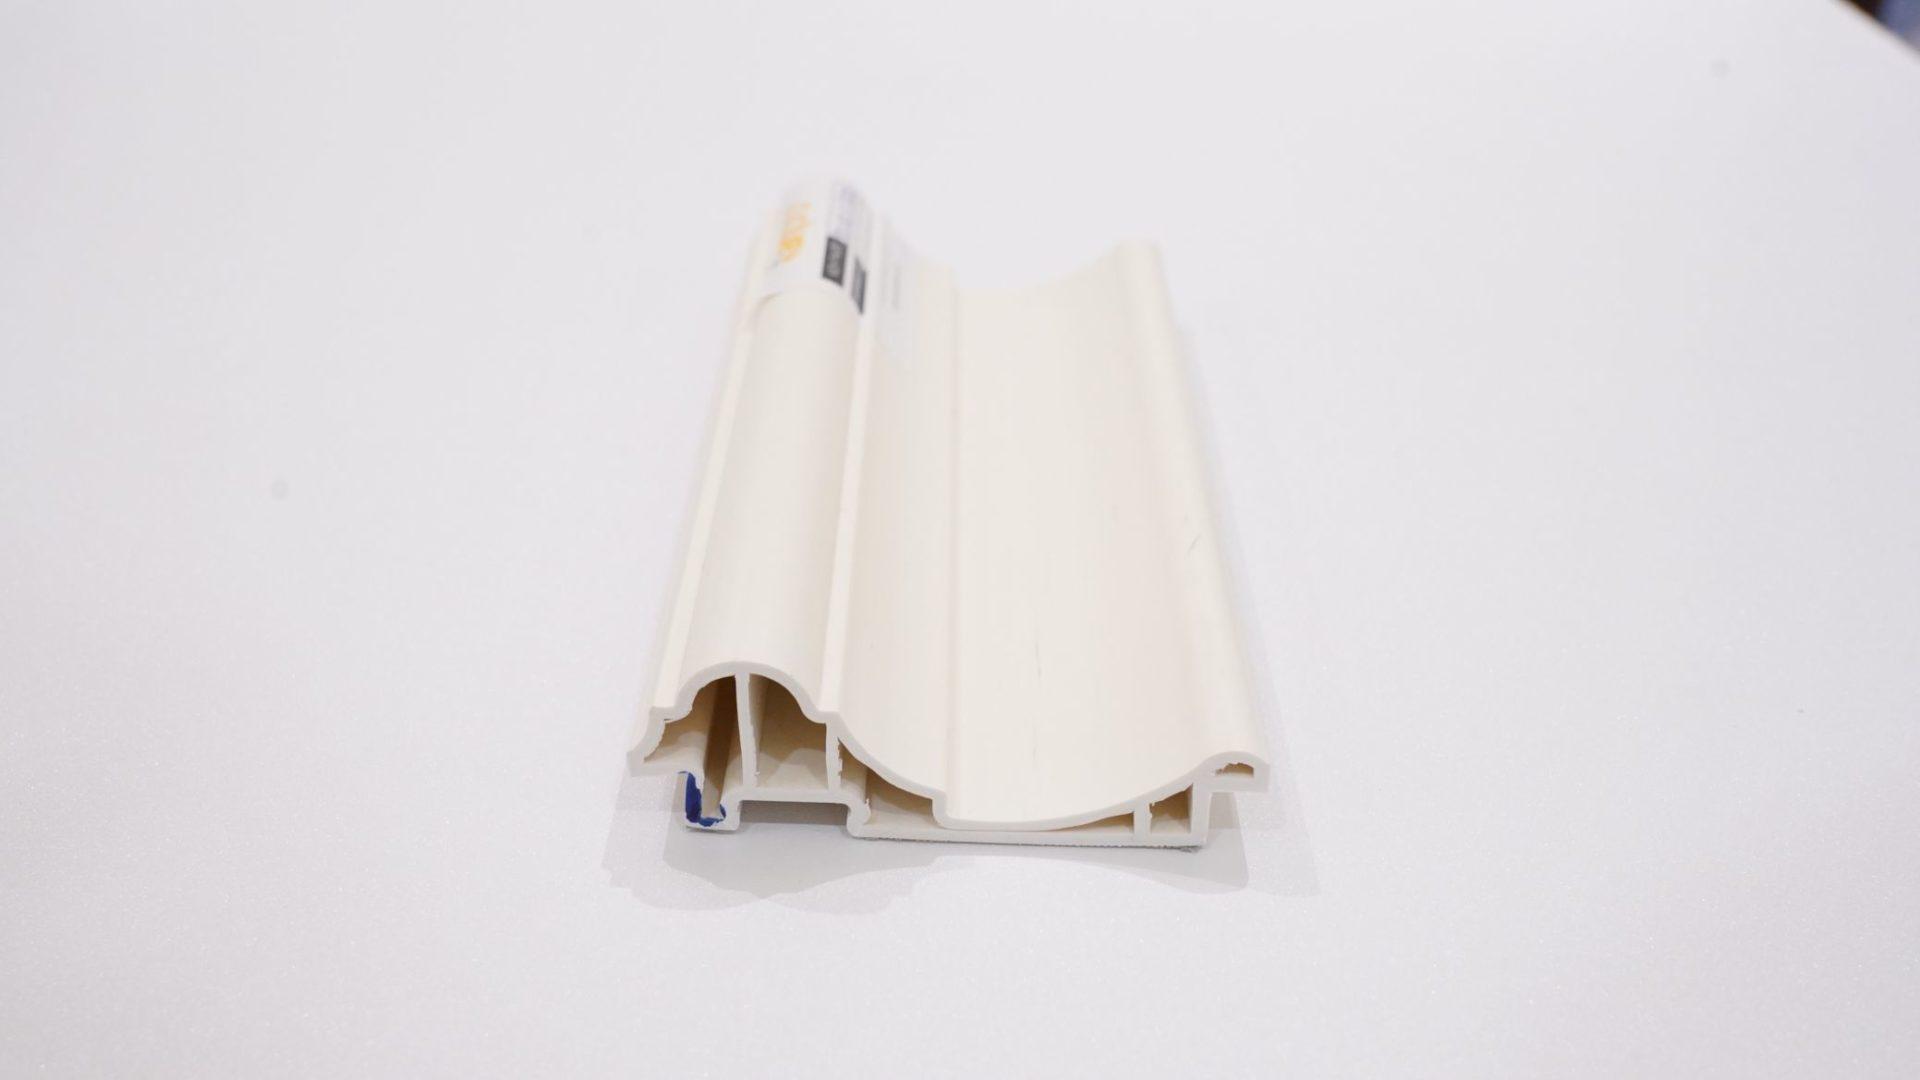 Phào phân vị ghép hèm - AnPro decorative molding